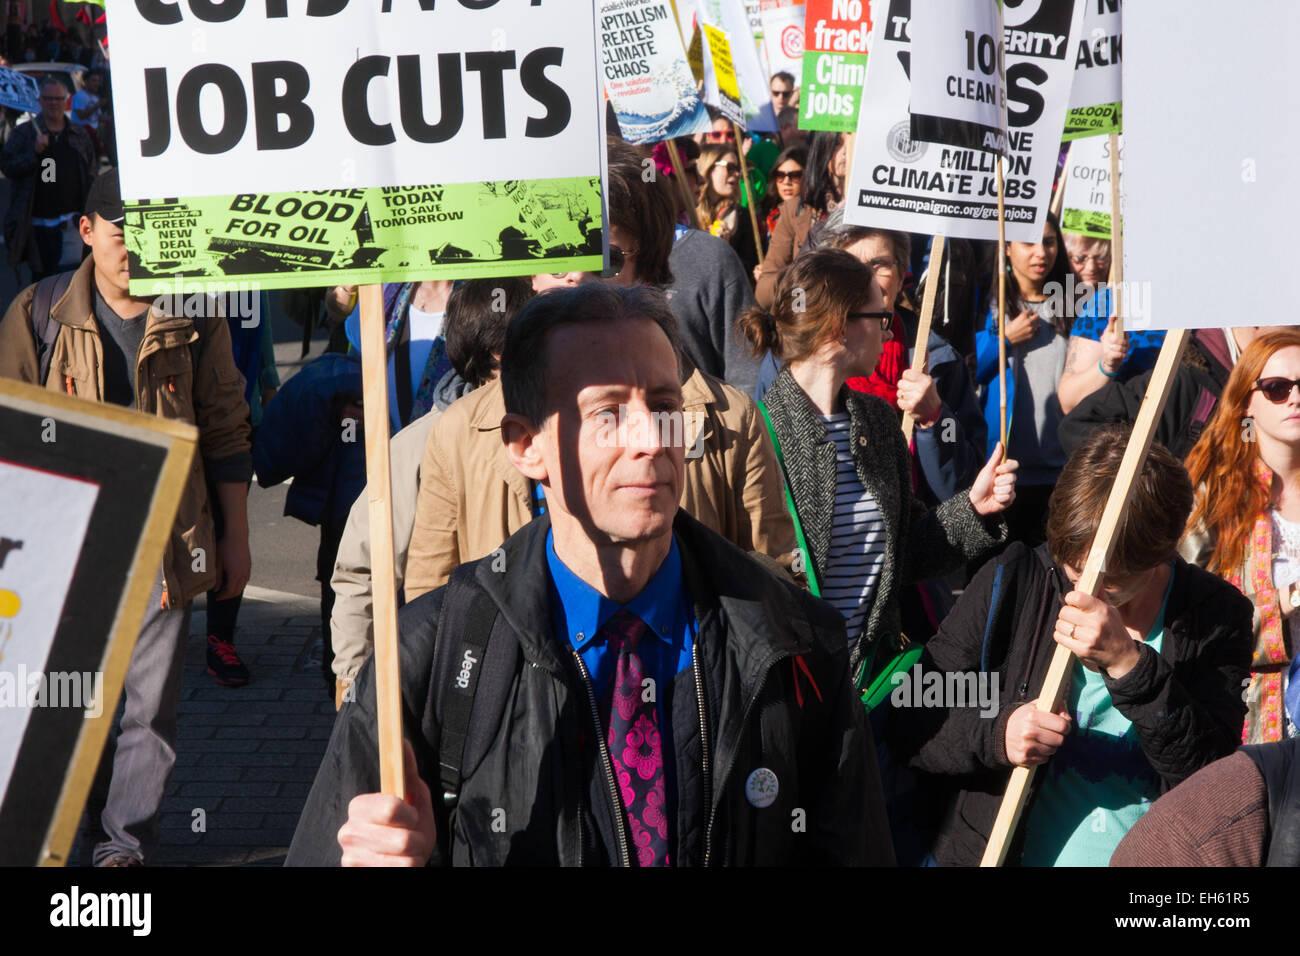 Human Rights Act Uk Stock Photos & Human Rights Act Uk ...